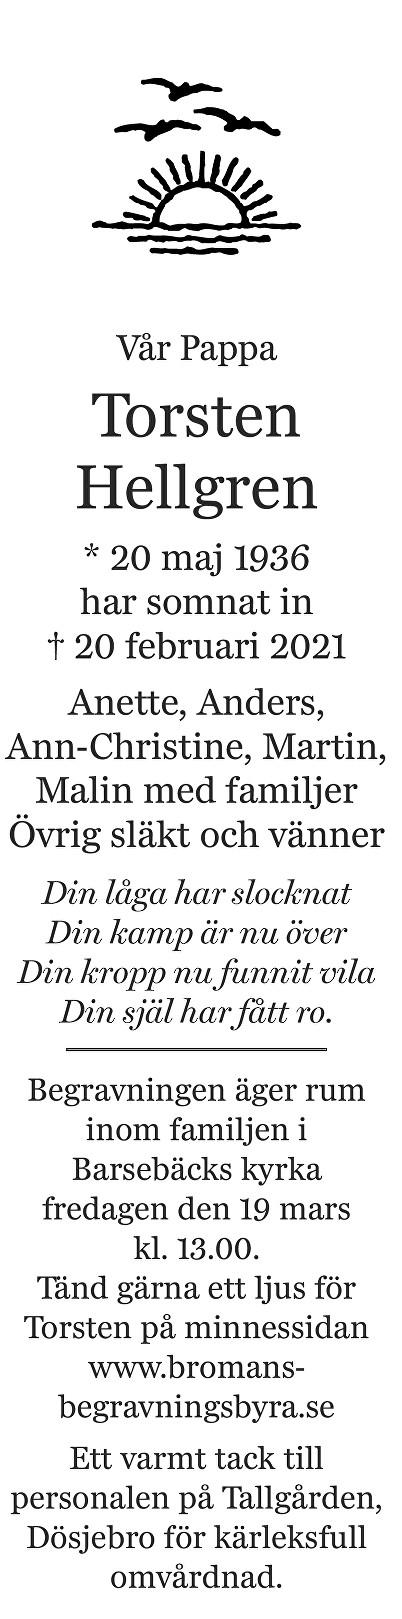 Torsten Hellgren Death notice